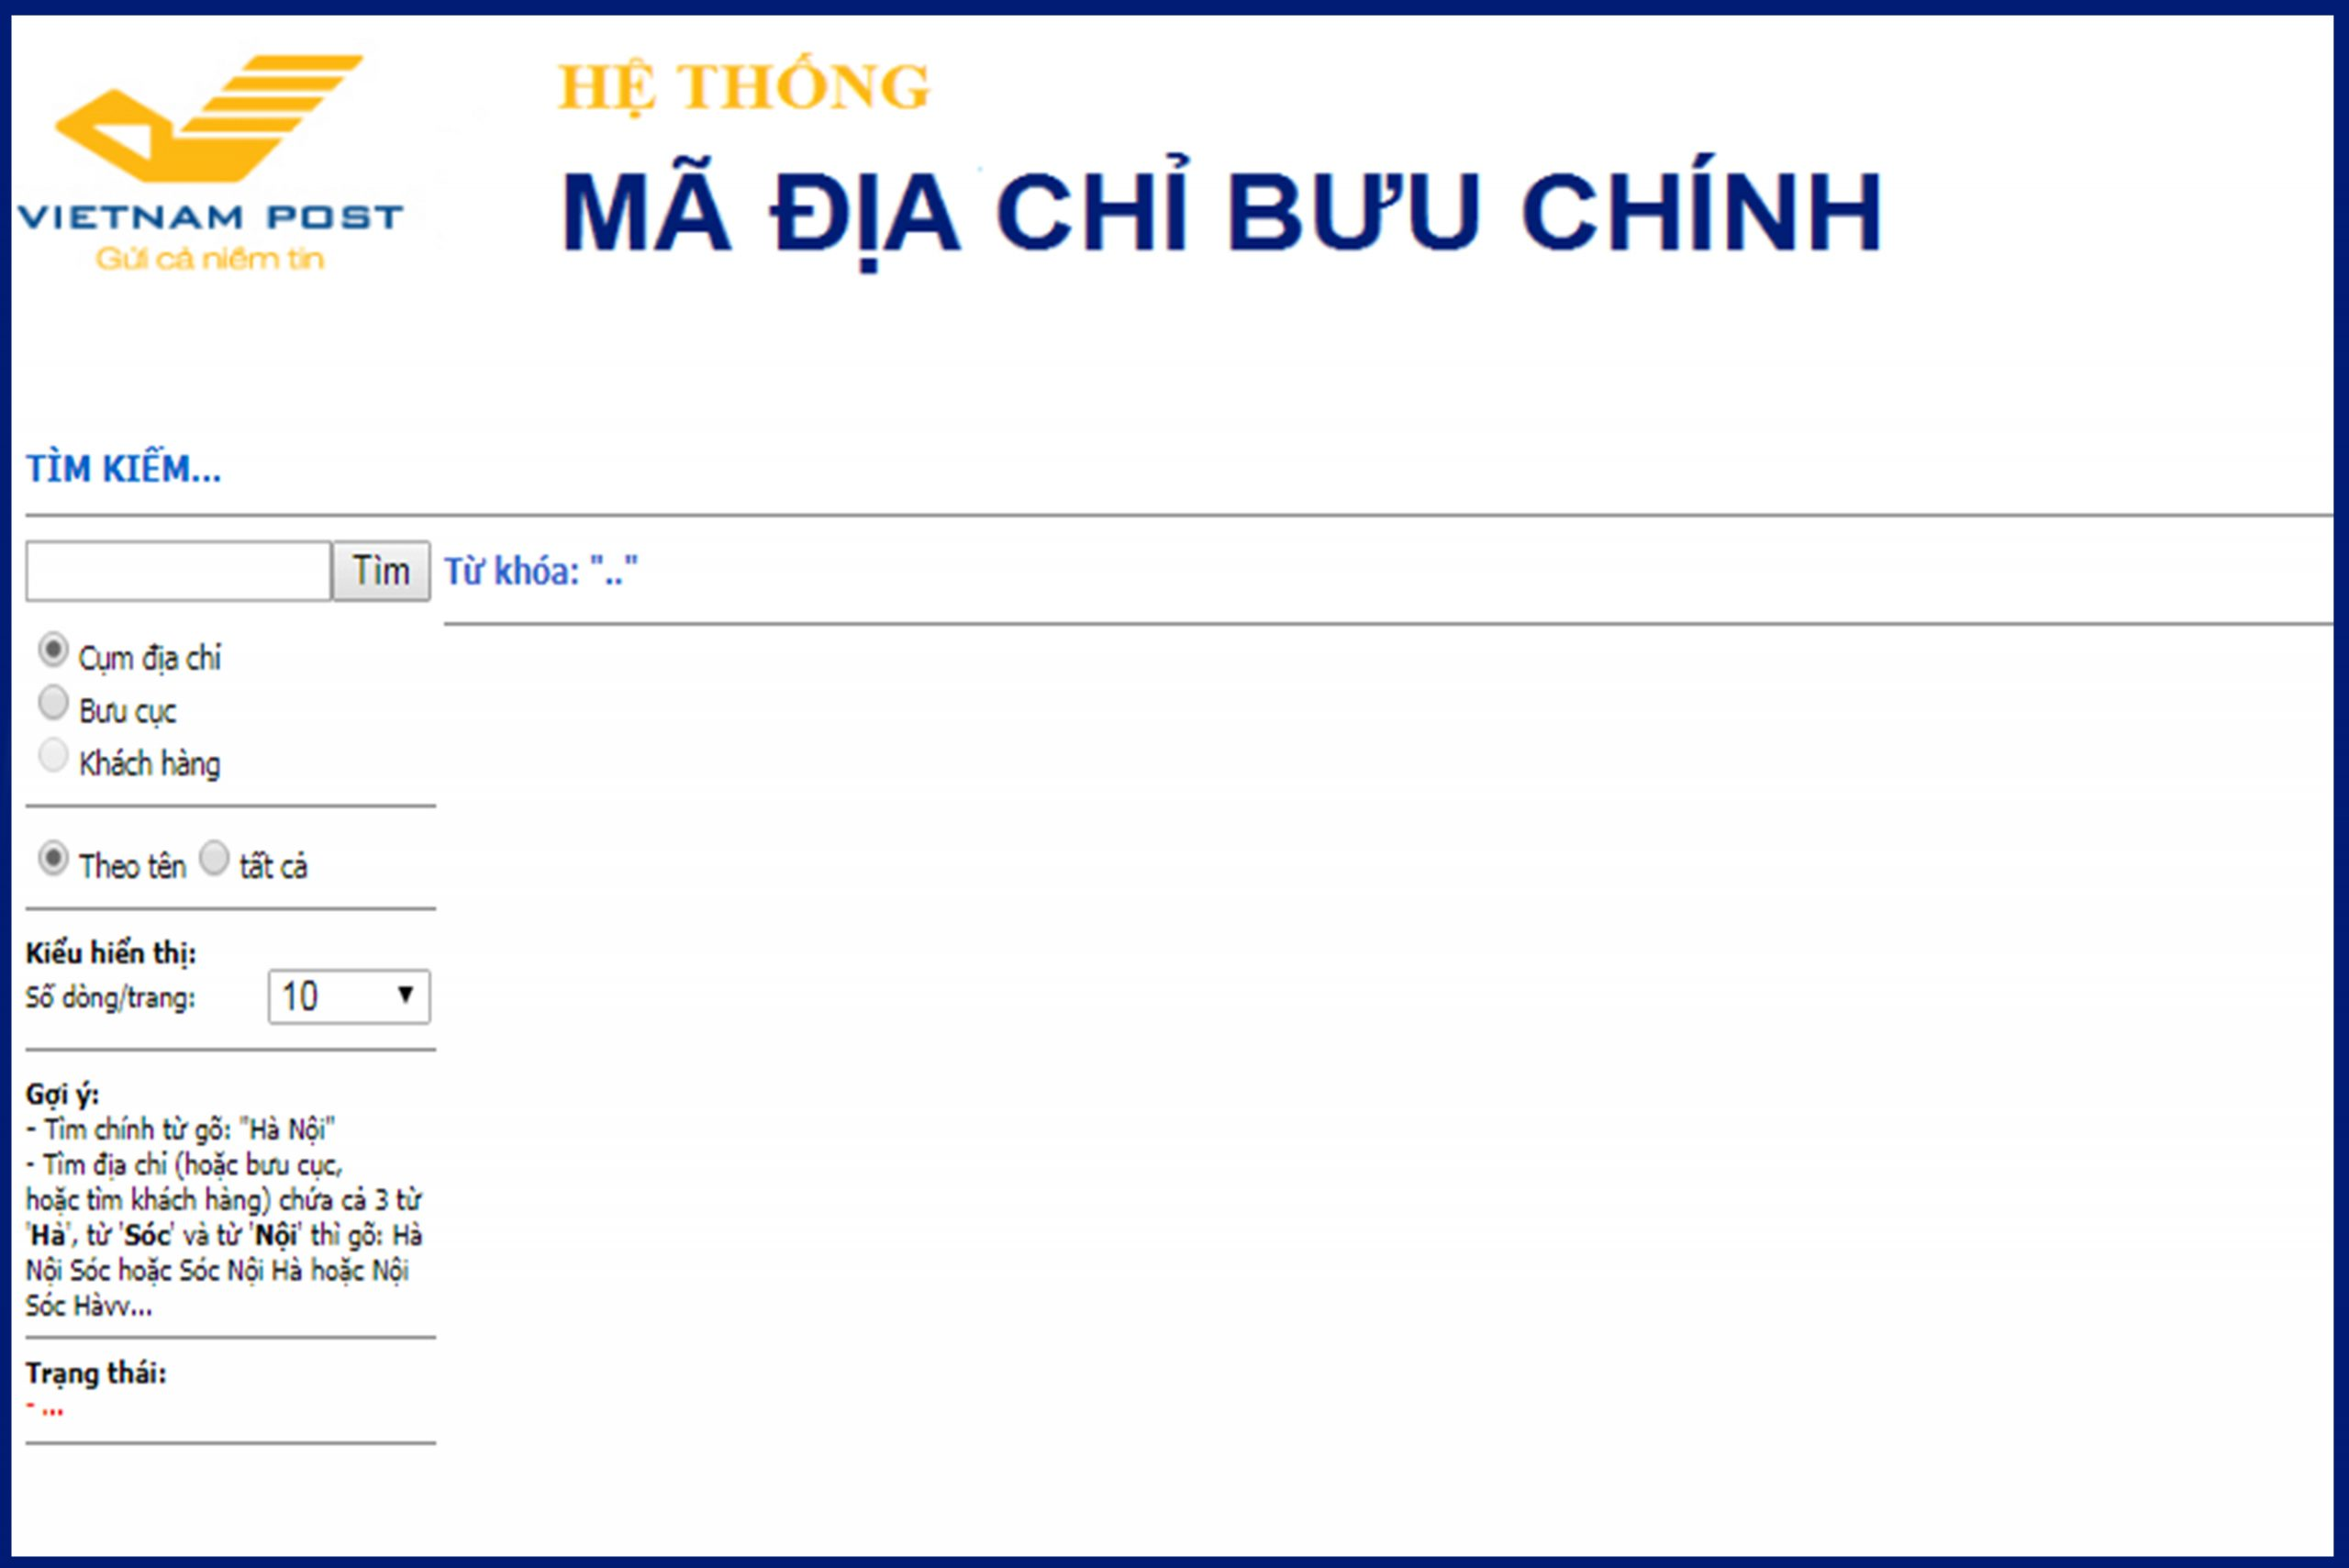 Hệ thống tra cứu mã bưu địa chính